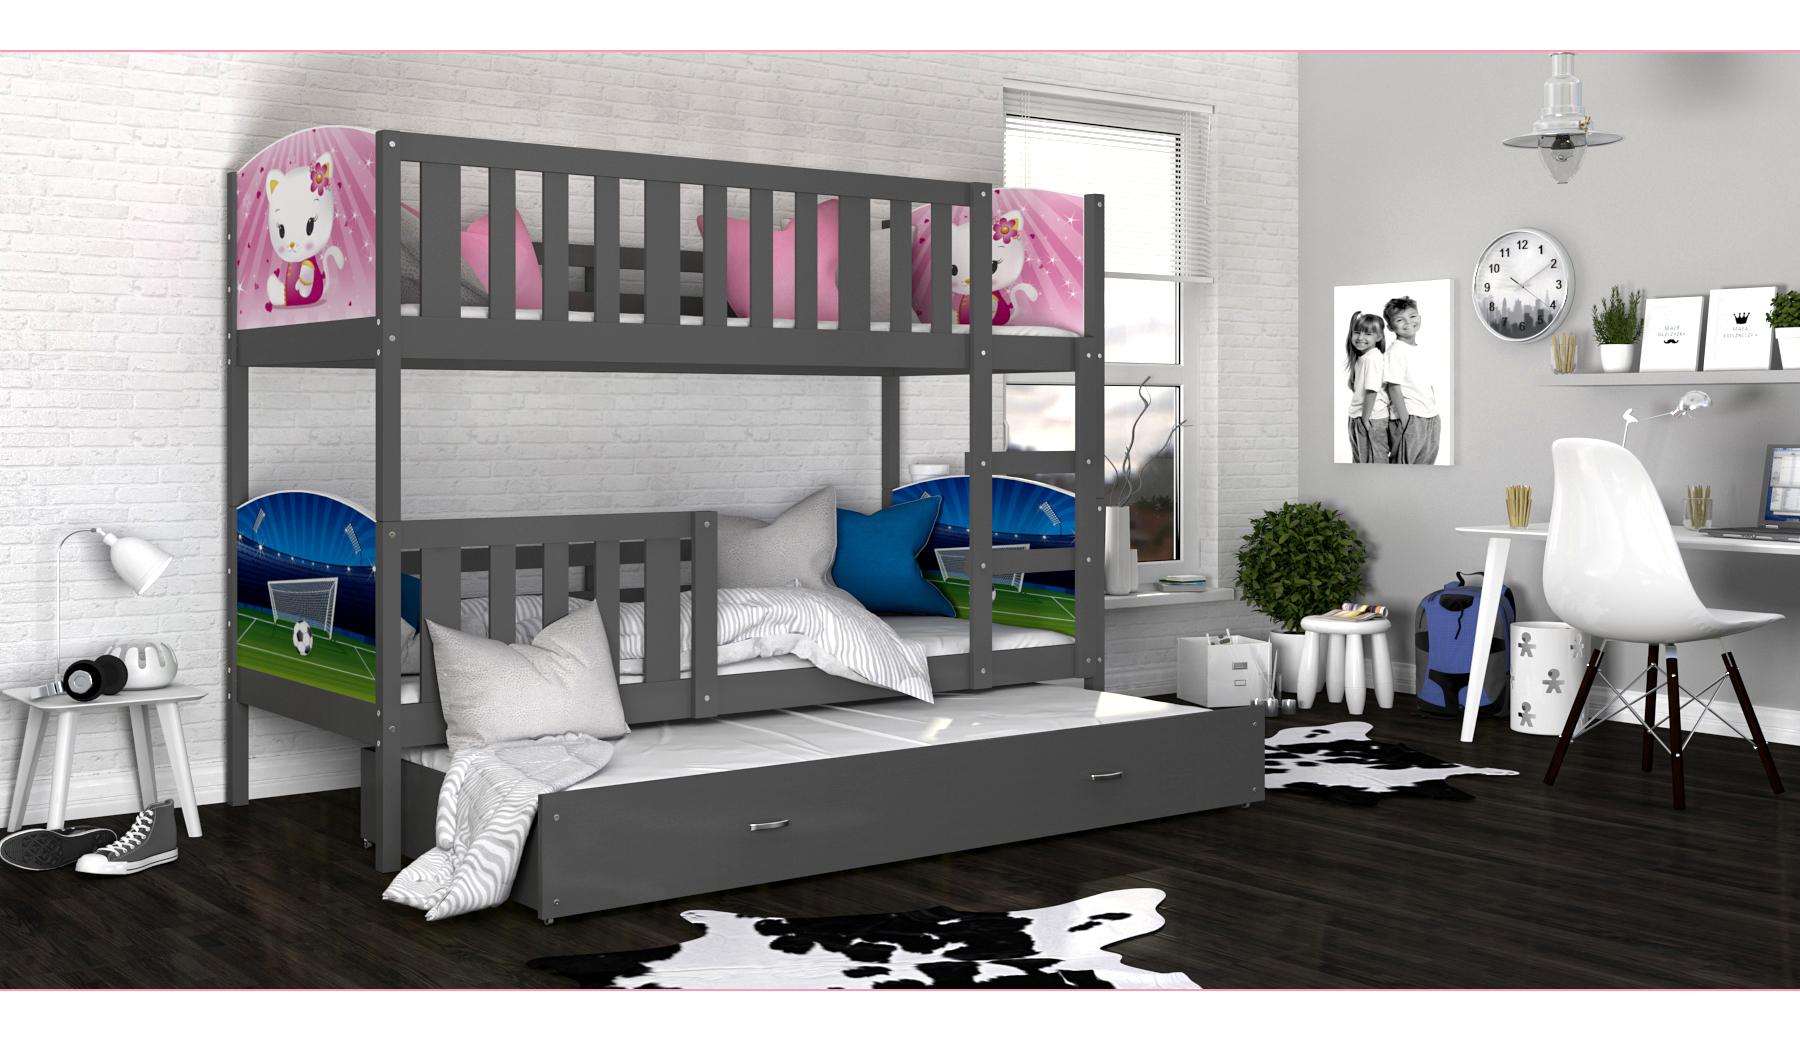 ArtAJ Detská poschodová posteľ Tami 3 / sivá Tami rozmer: 190 x 80 cm + prístelka 184 x 80 cm, s matracom